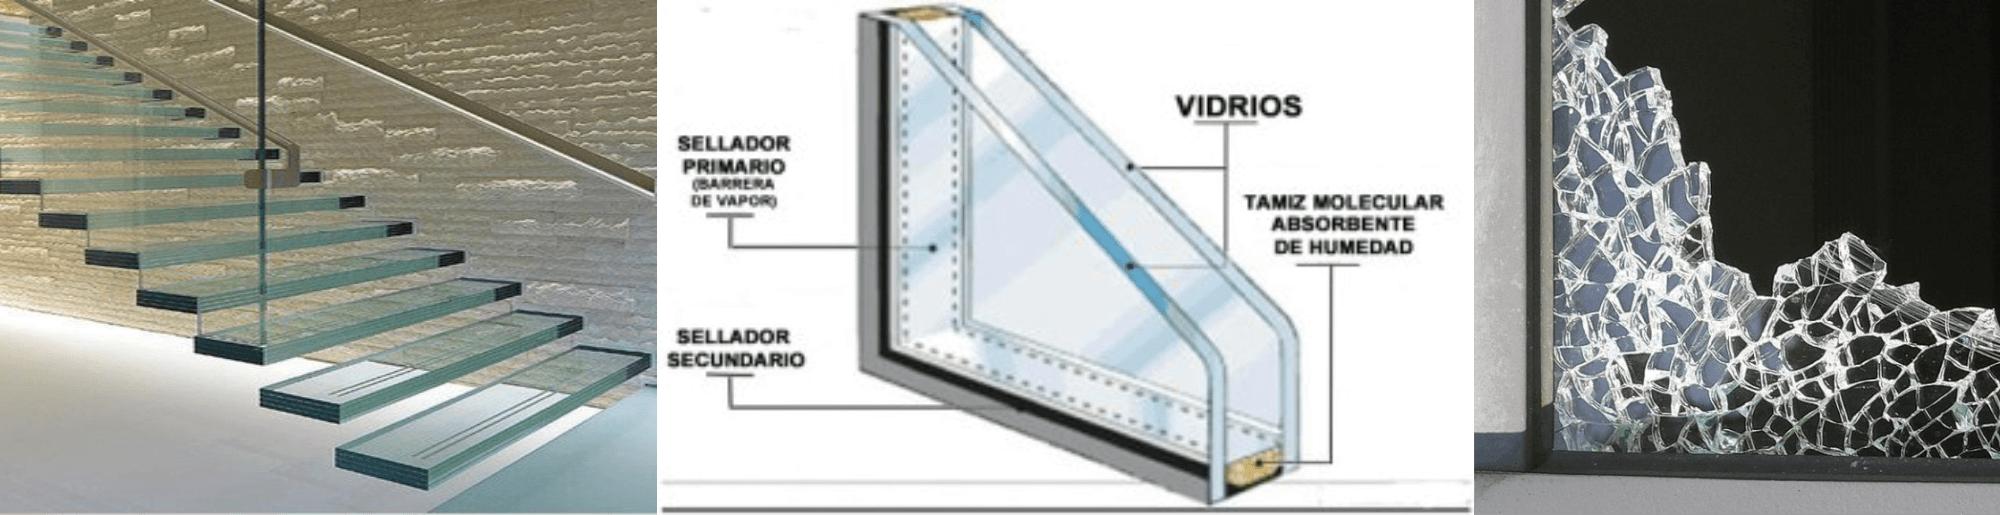 Los 3 tipos de vidrios